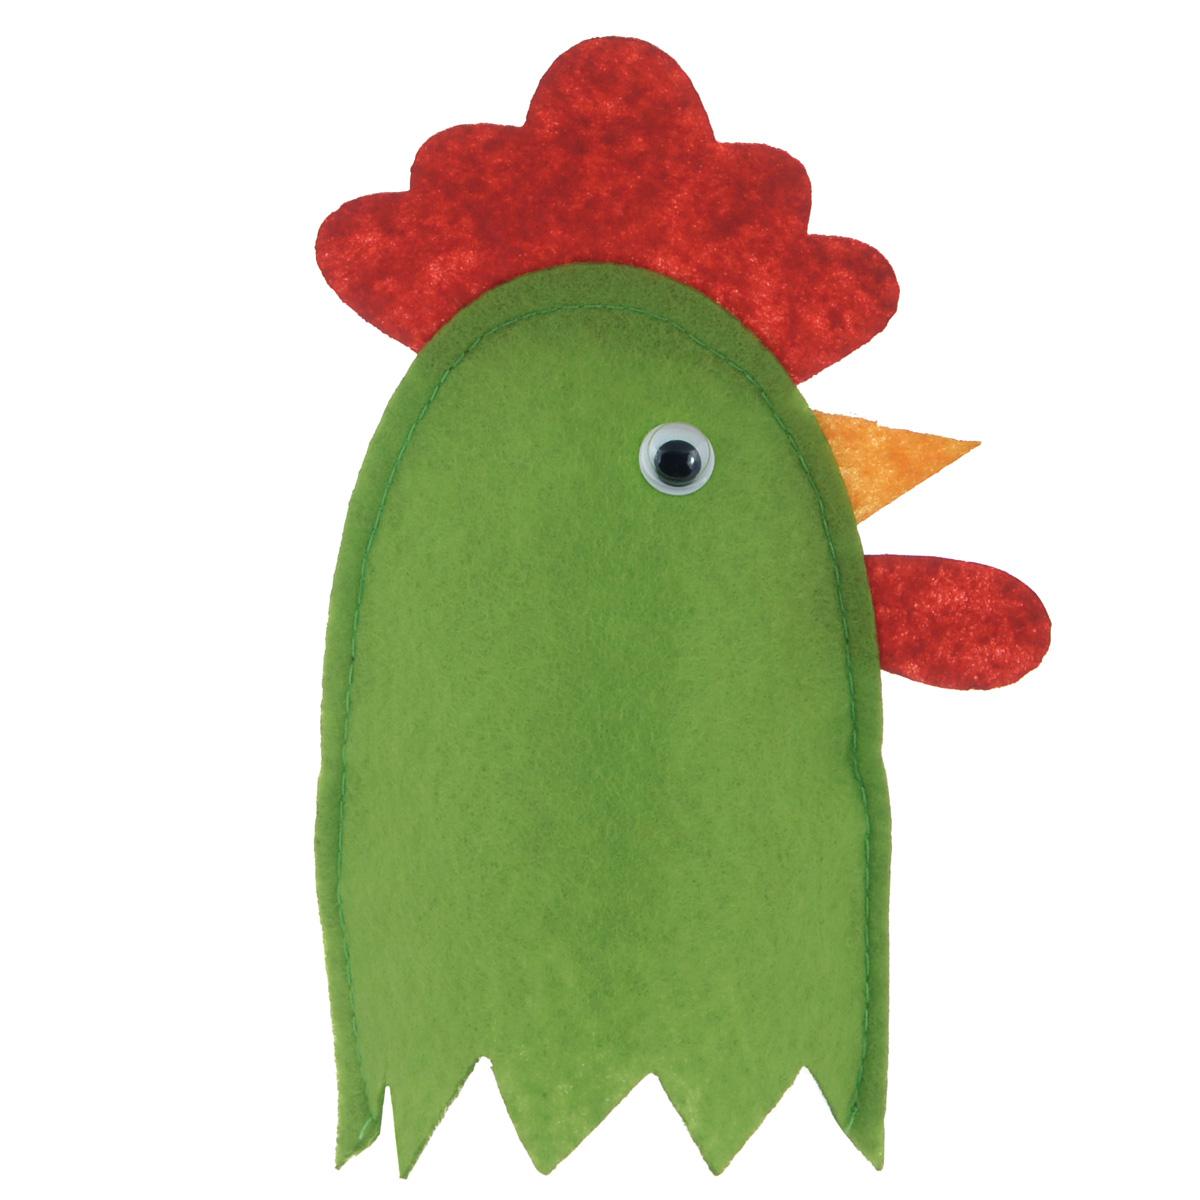 Грелка для яйца Home Queen Петух, цвет: зеленый, красный, 11 см х 11 см64520_2Грелка для яйца Home Queen Петух изготовлена из фетра. Изделие выполнено в виде забавного петушка. Мягкая и приятная на ощупь, грелка внесет частичку тепла и веселья в ваш дом, а также станет замечательным подарком для друзей и близких. Размер: 11 см х 11 см.